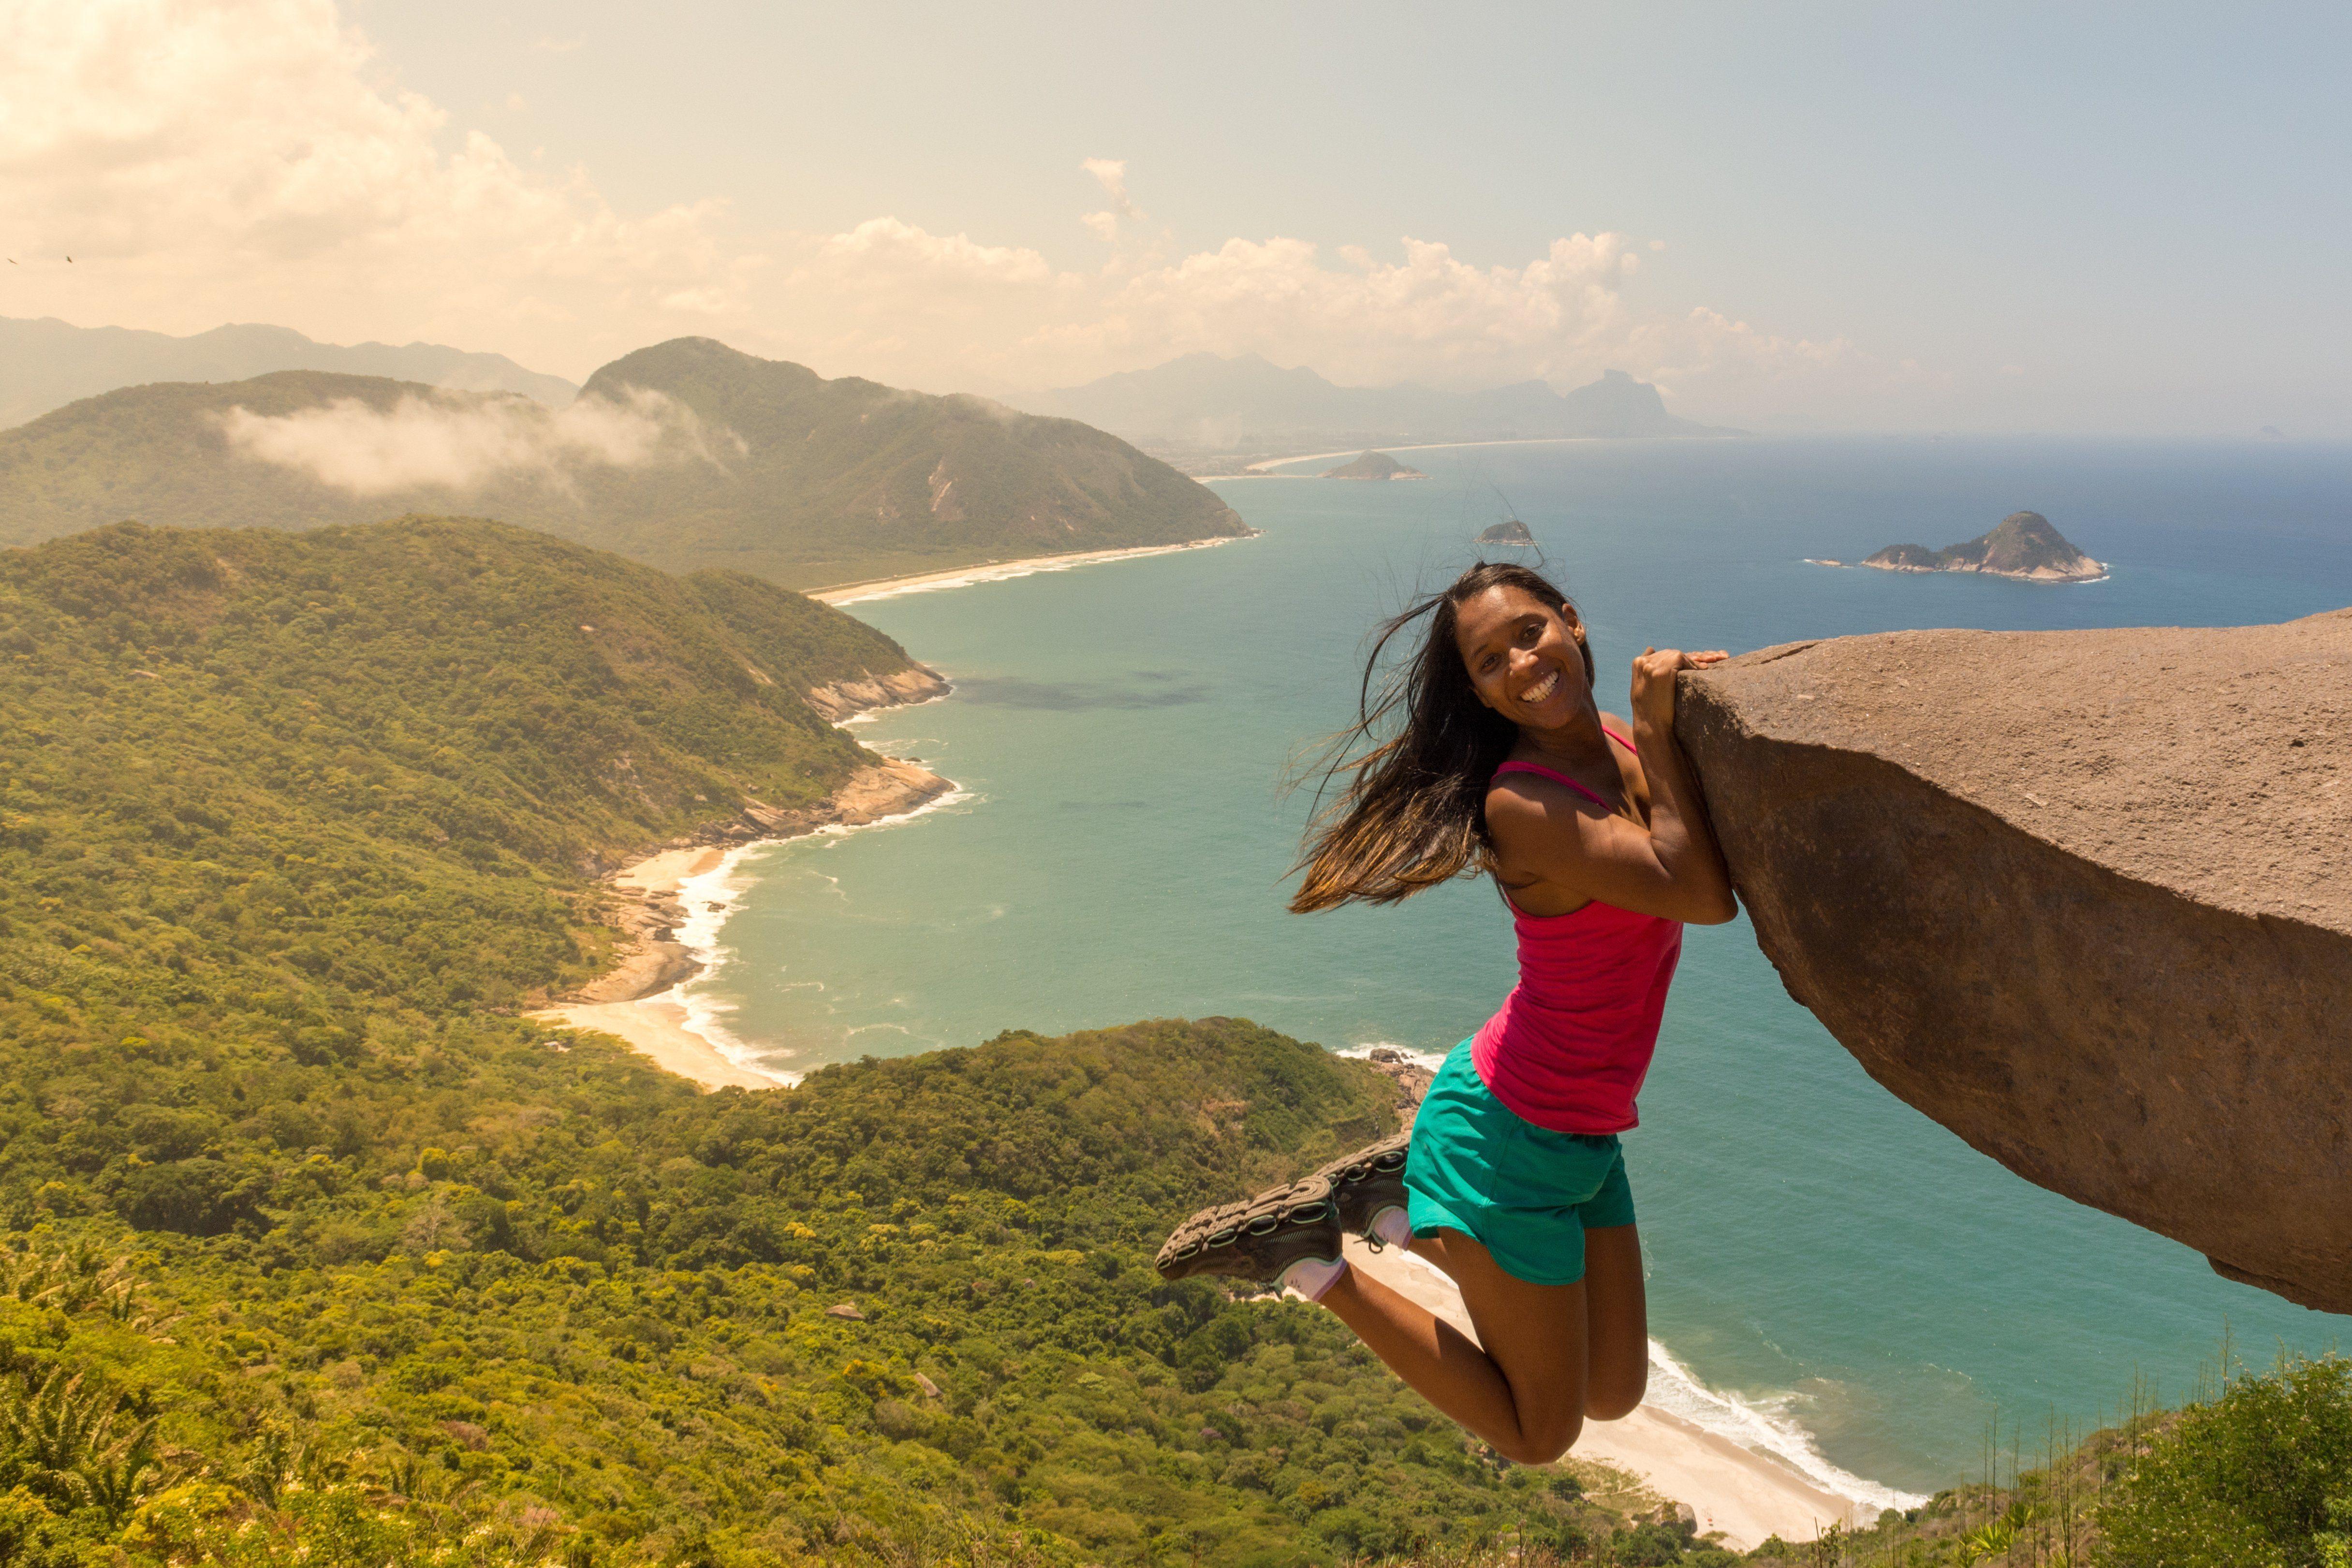 young woman at the Pedra do Telegrafo, Barra de Guaratiba, Rio de Janeiro / Brazil